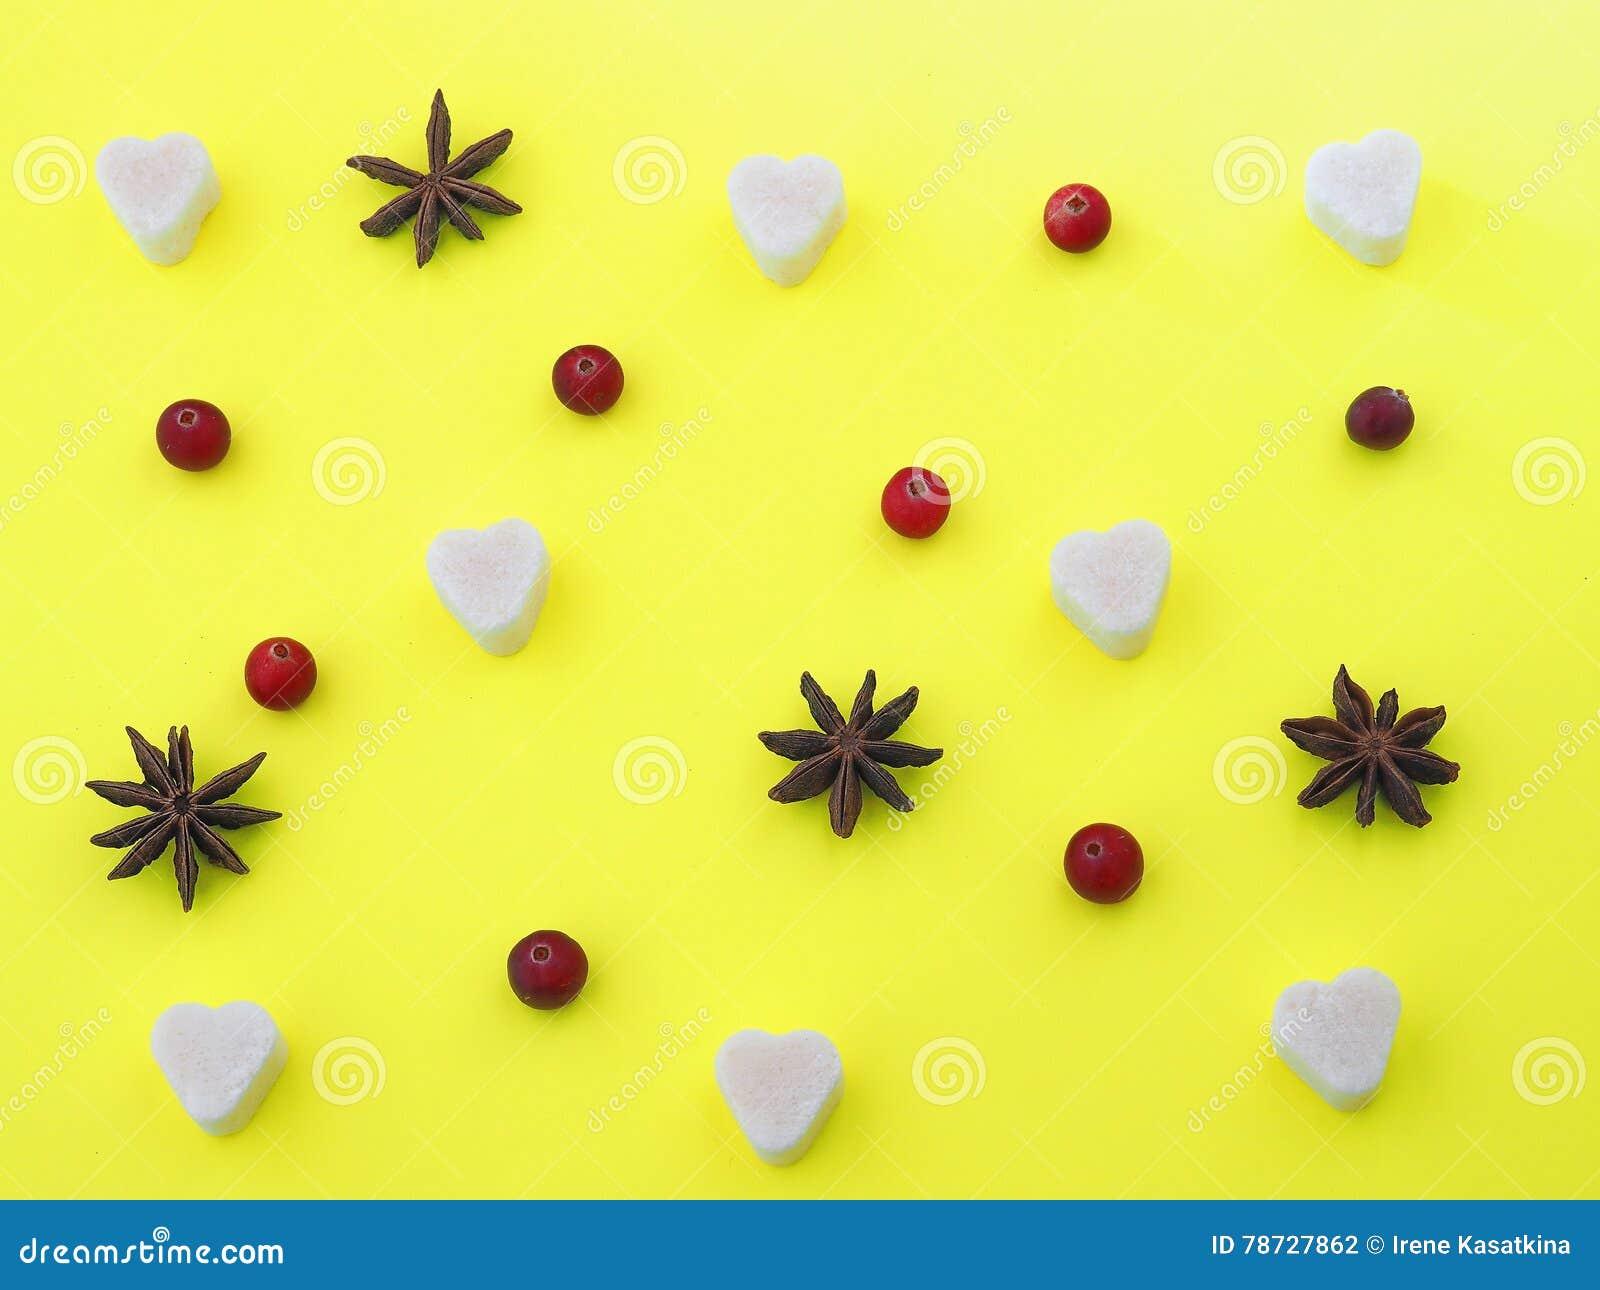 Gul bakgrund med sockerhjärta, anisstjärnor och tranbär